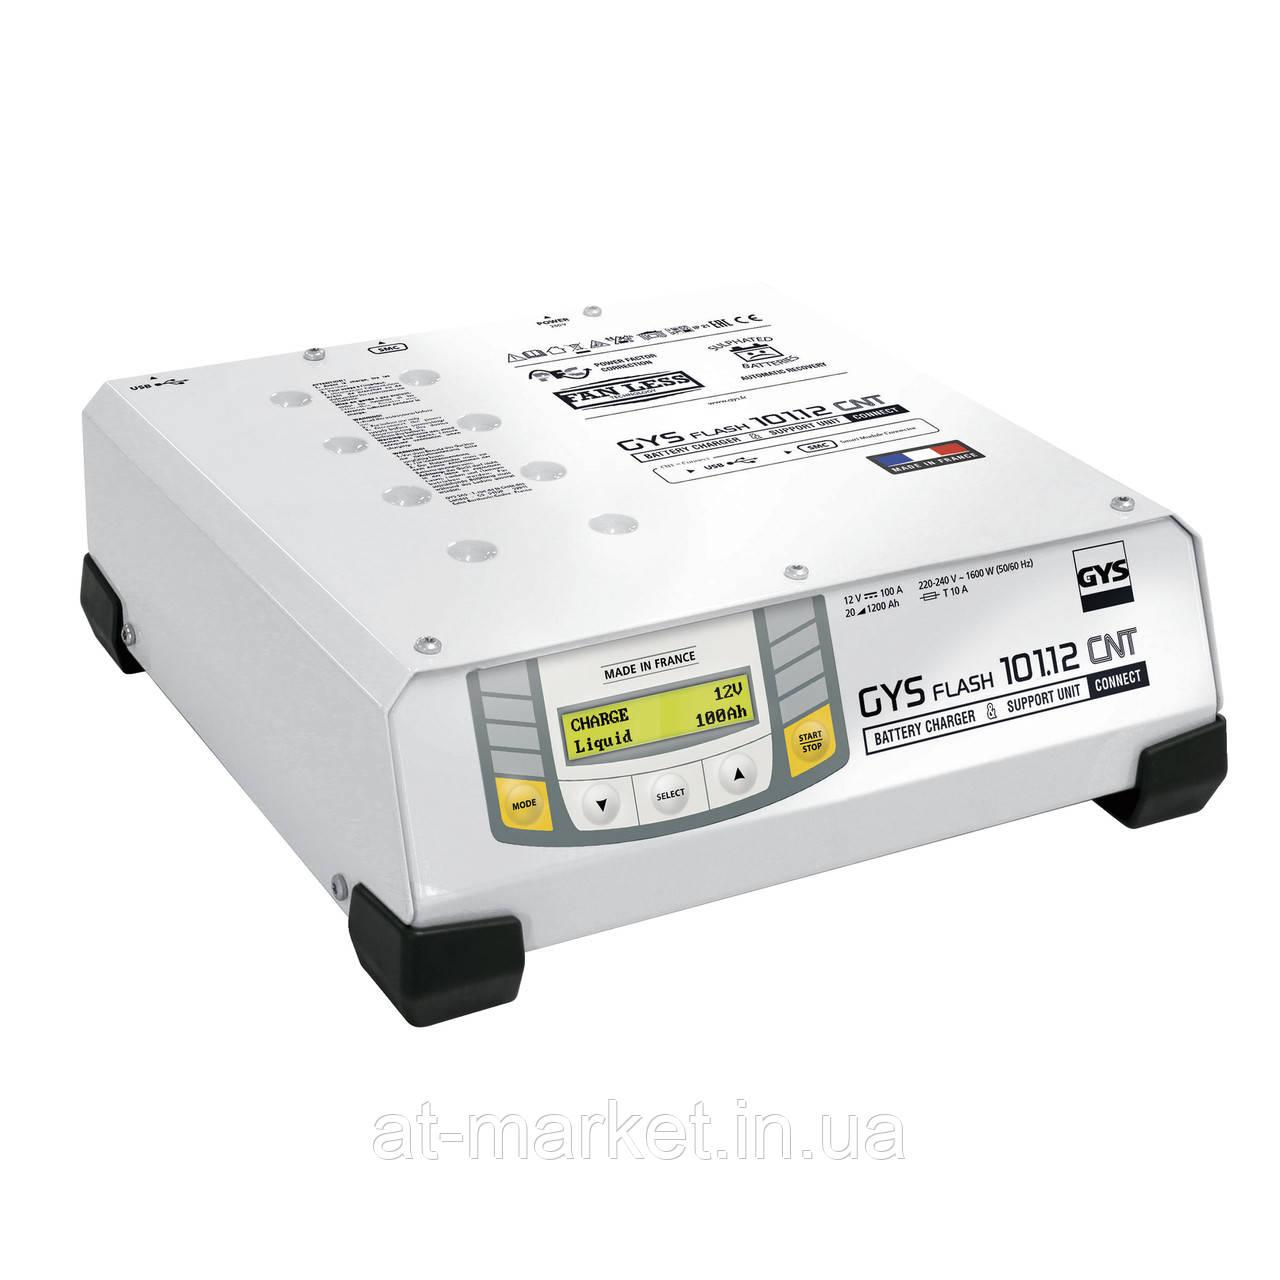 Зарядное устройство GYS GYSFLASH 101.12 CNT